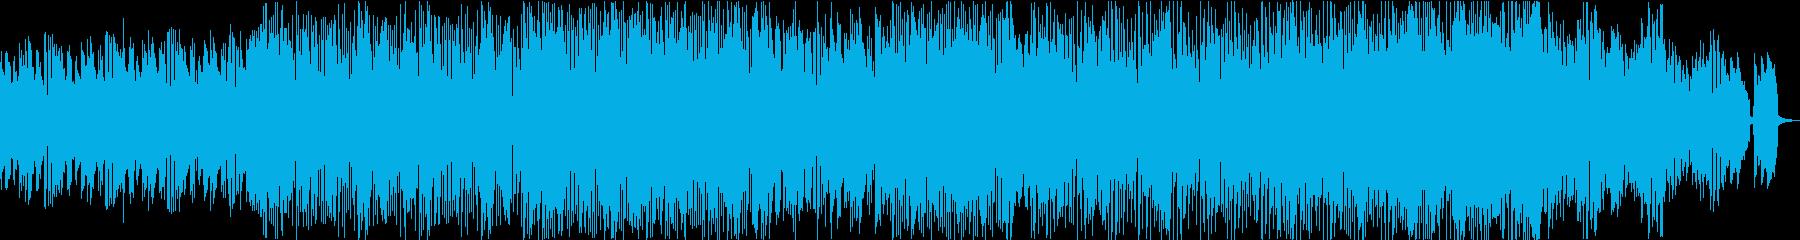 クールで都会的なアシッド系ハウスBGMの再生済みの波形